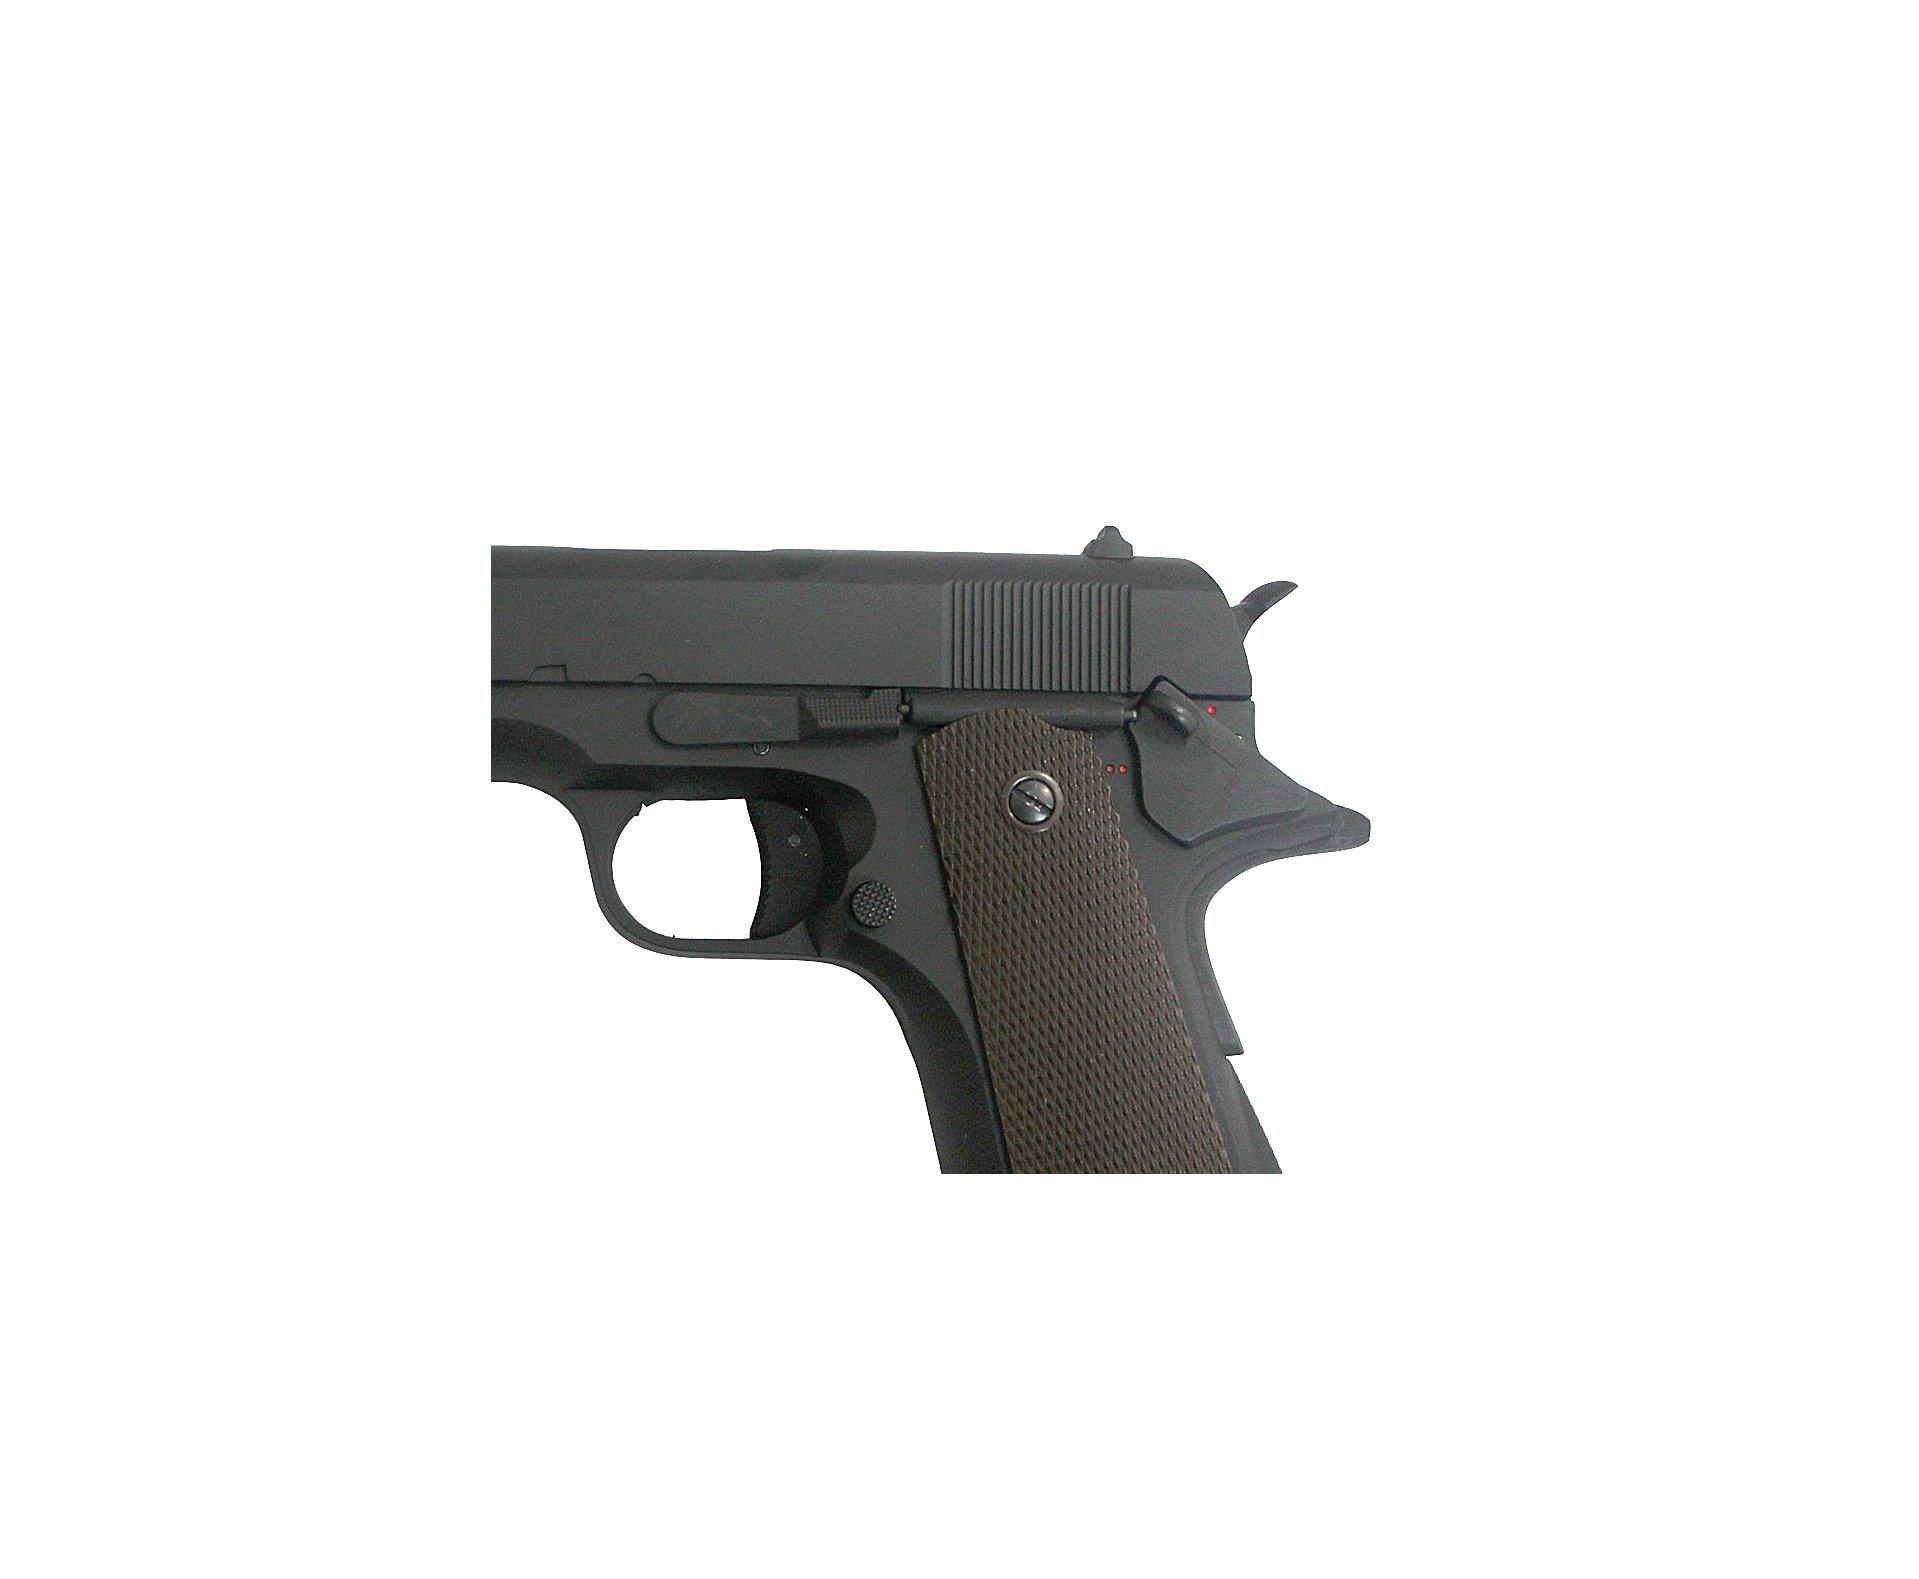 Pistola De Airsoft Colt 1911 - Full Metal Eletrica Bivolt - Calibre 6,0 Mm - Cyma Cm 123